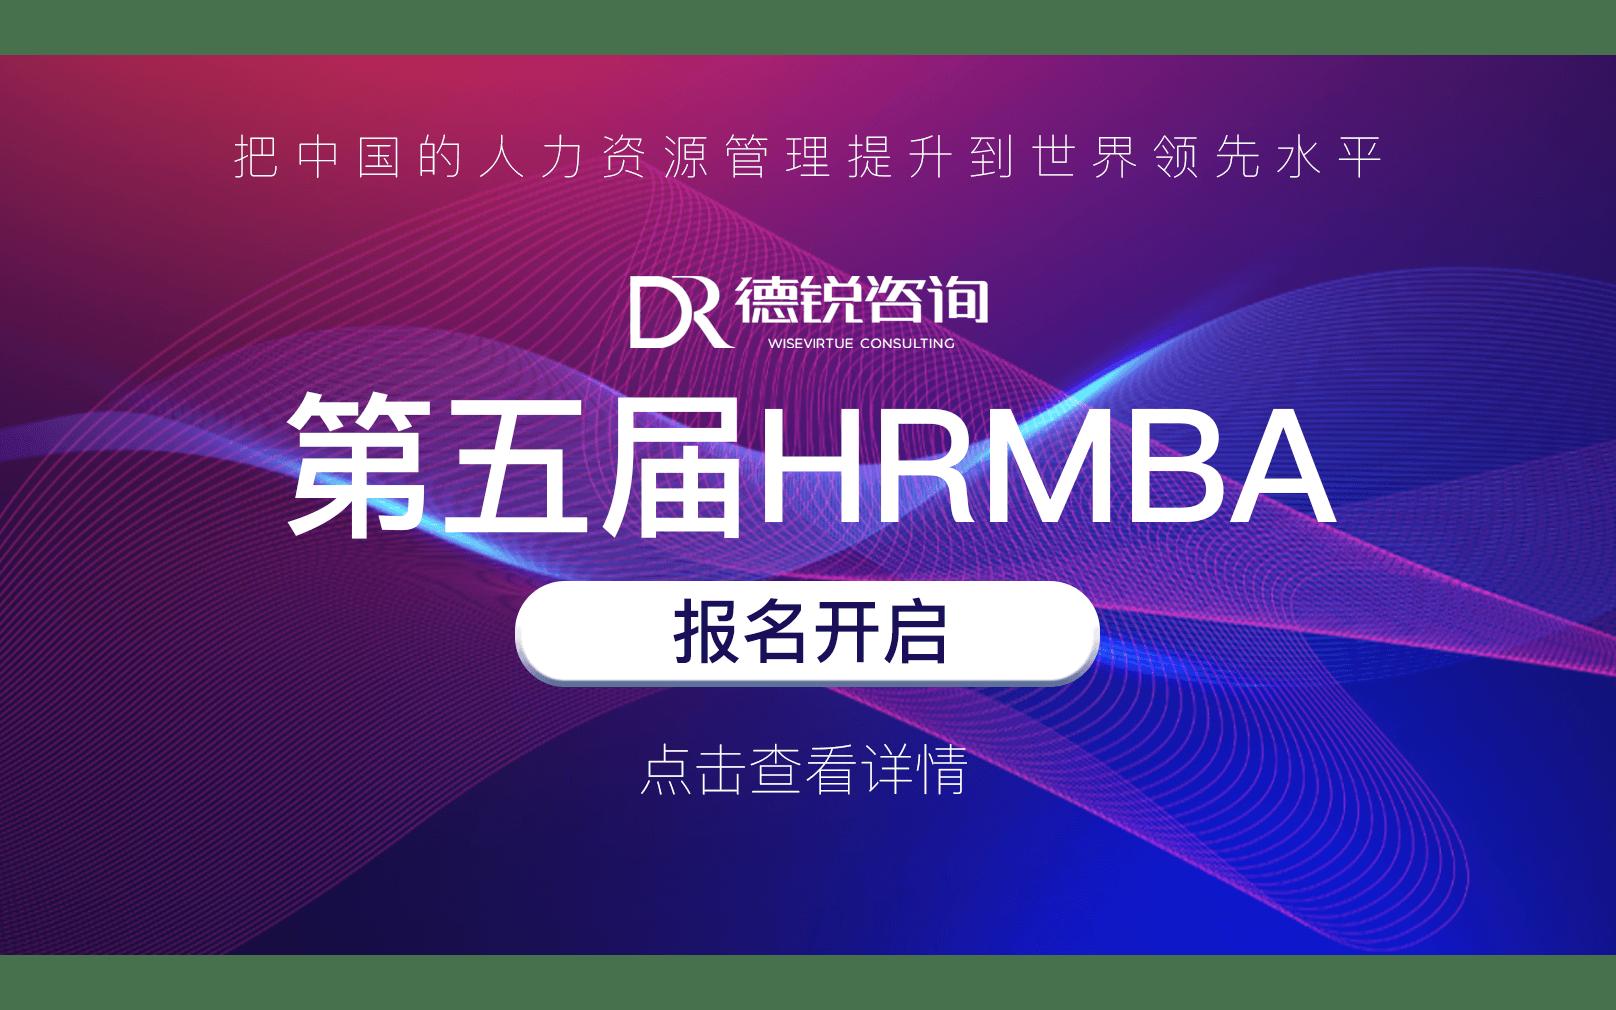 第五届HRMBA班课程